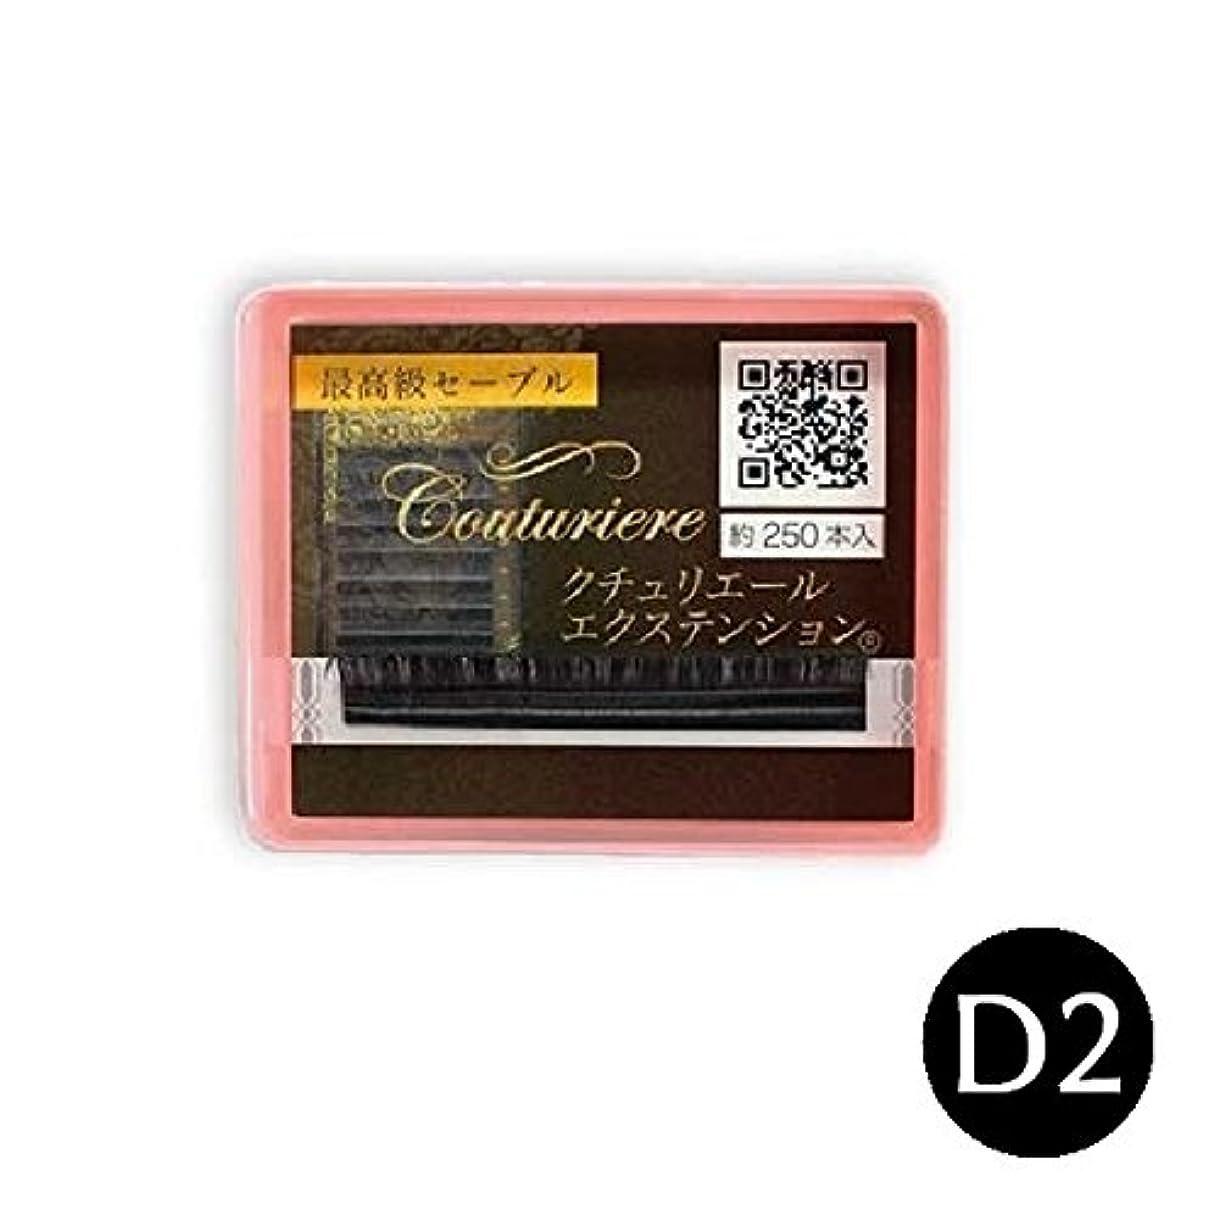 辞書とげのある韓国語まつげエクステ マツエク クチュリエール D2カール (1列) (0.15mm 5mm)